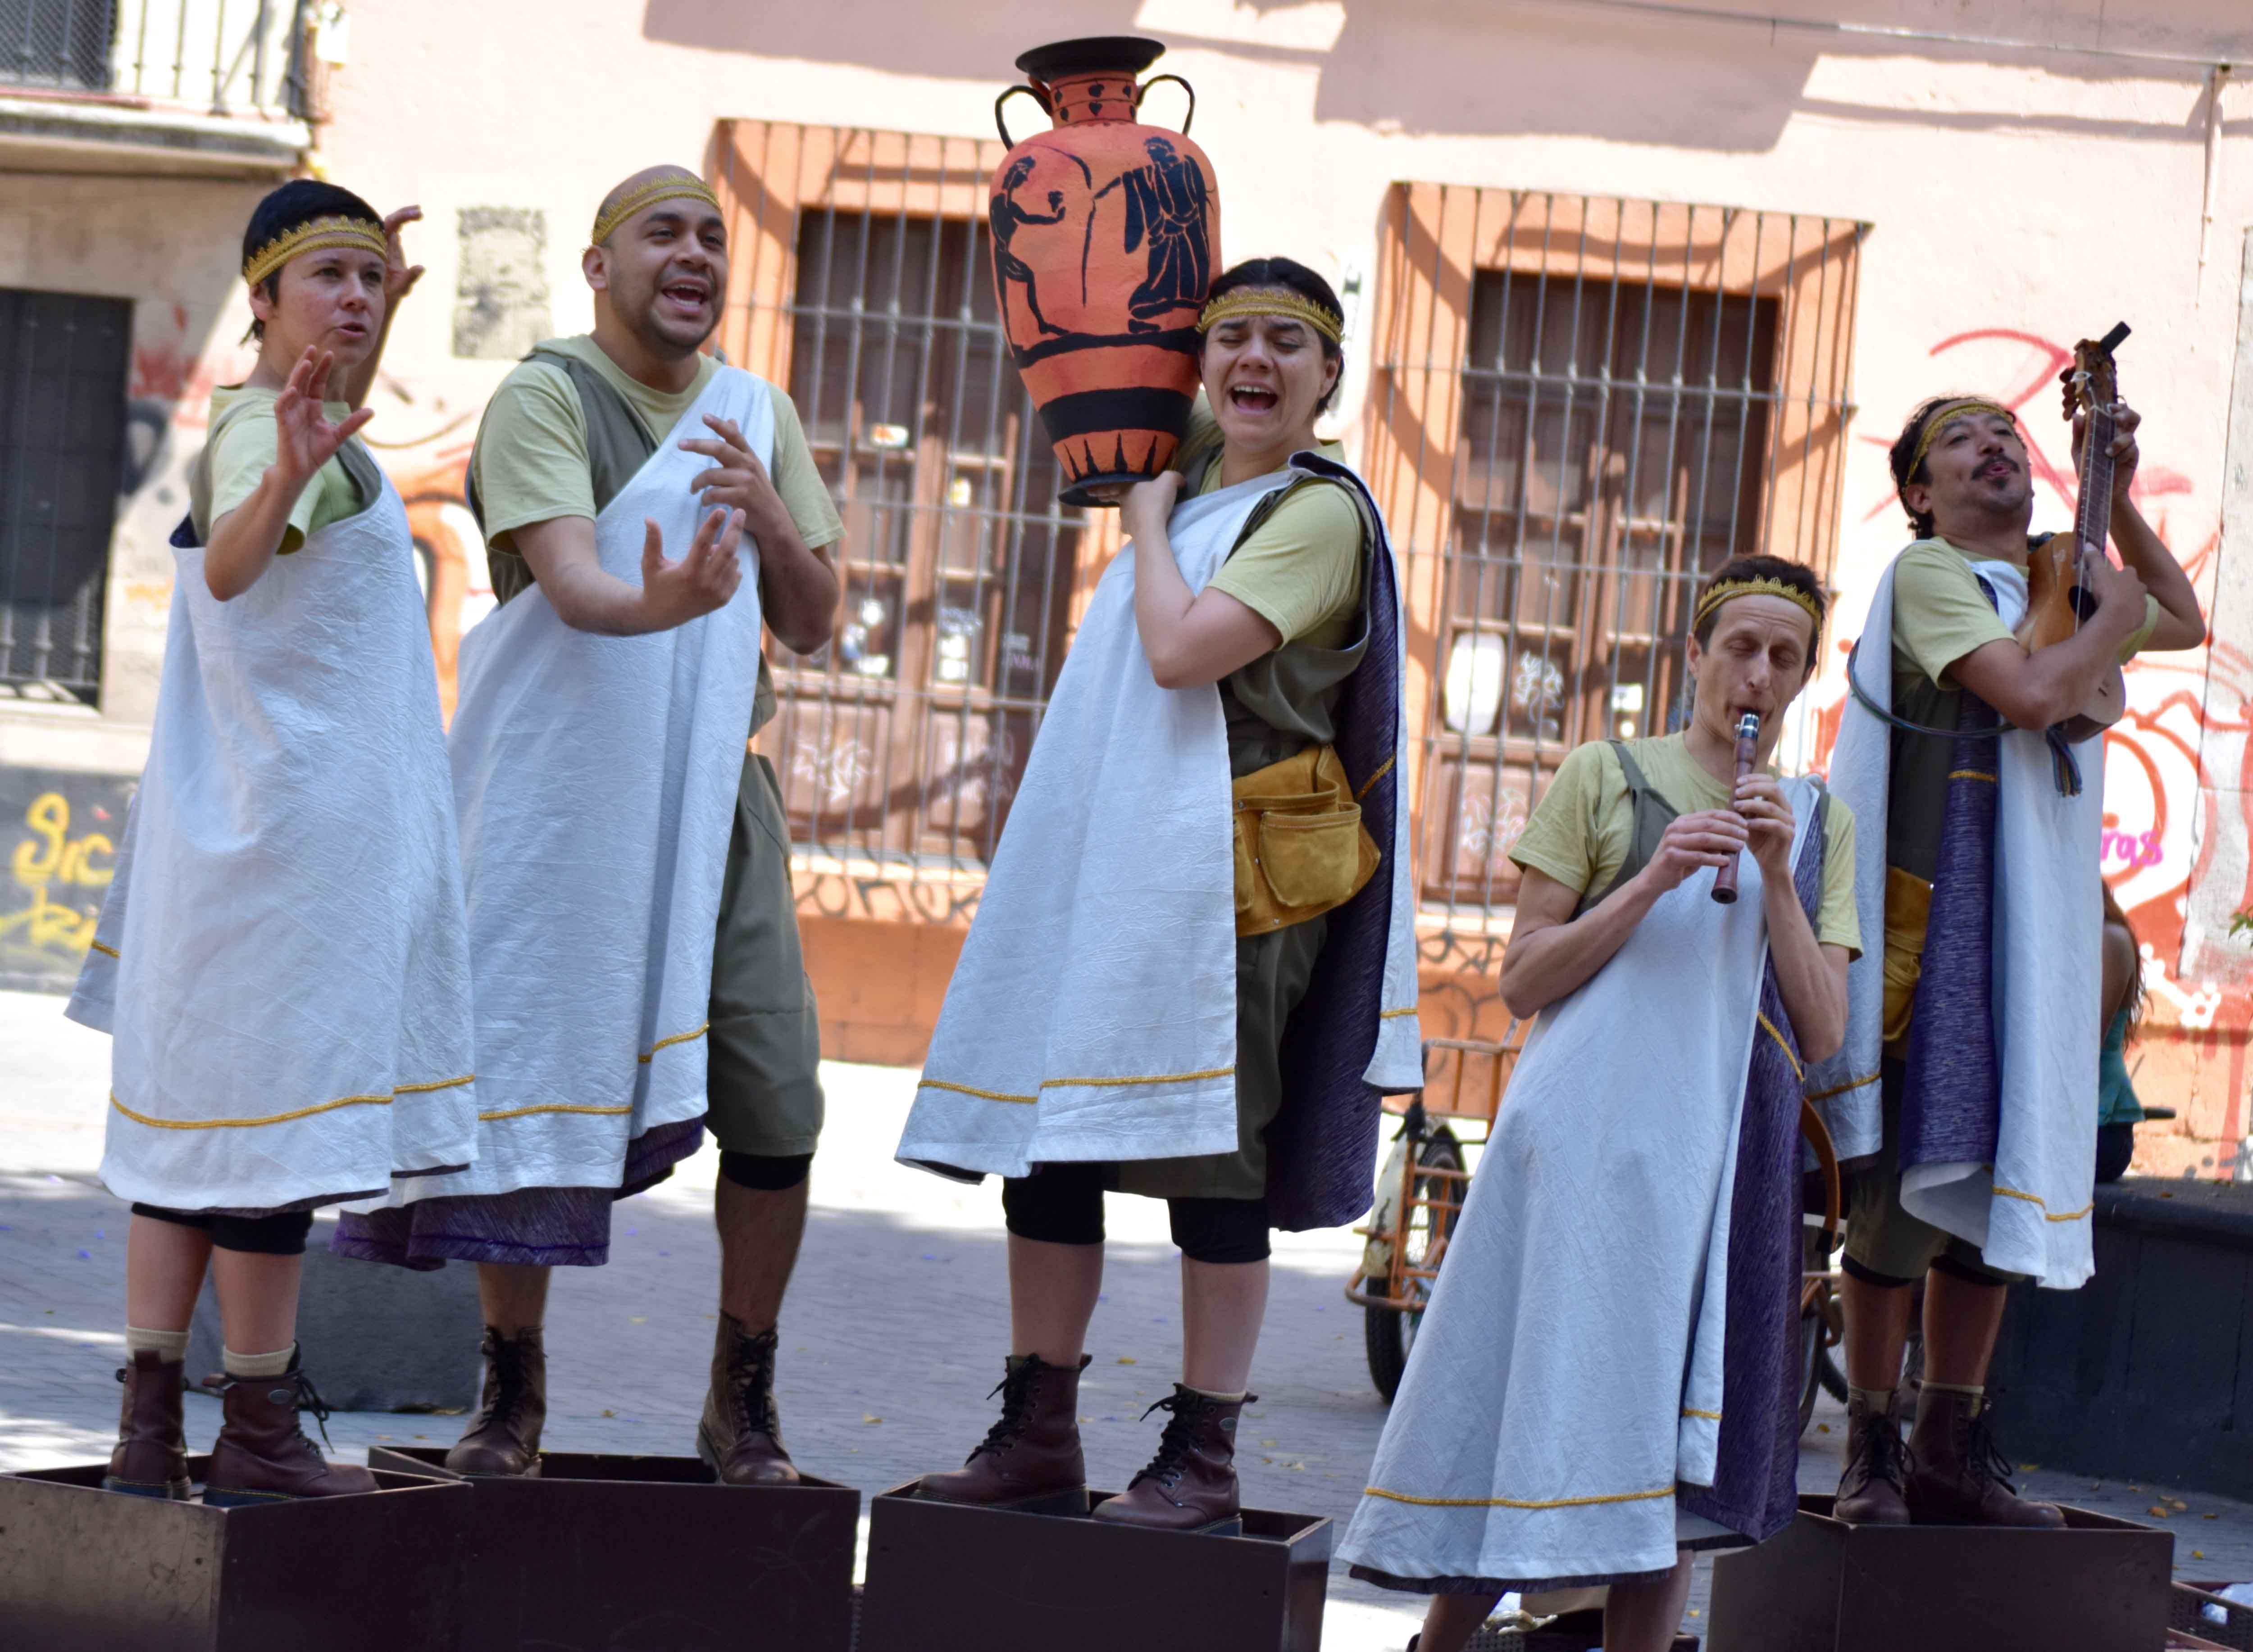 La compañía franco-mexicana Teatro Entre 2 celebra su décimo aniversario en el Centro Nacional de las Artes